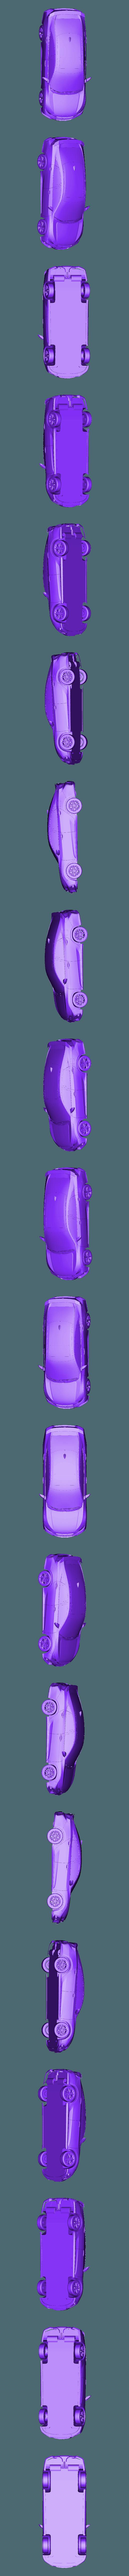 Honda Civic 2017.obj Télécharger fichier OBJ gratuit Honda Civic 2017 • Modèle imprimable en 3D, VinyassShivanand